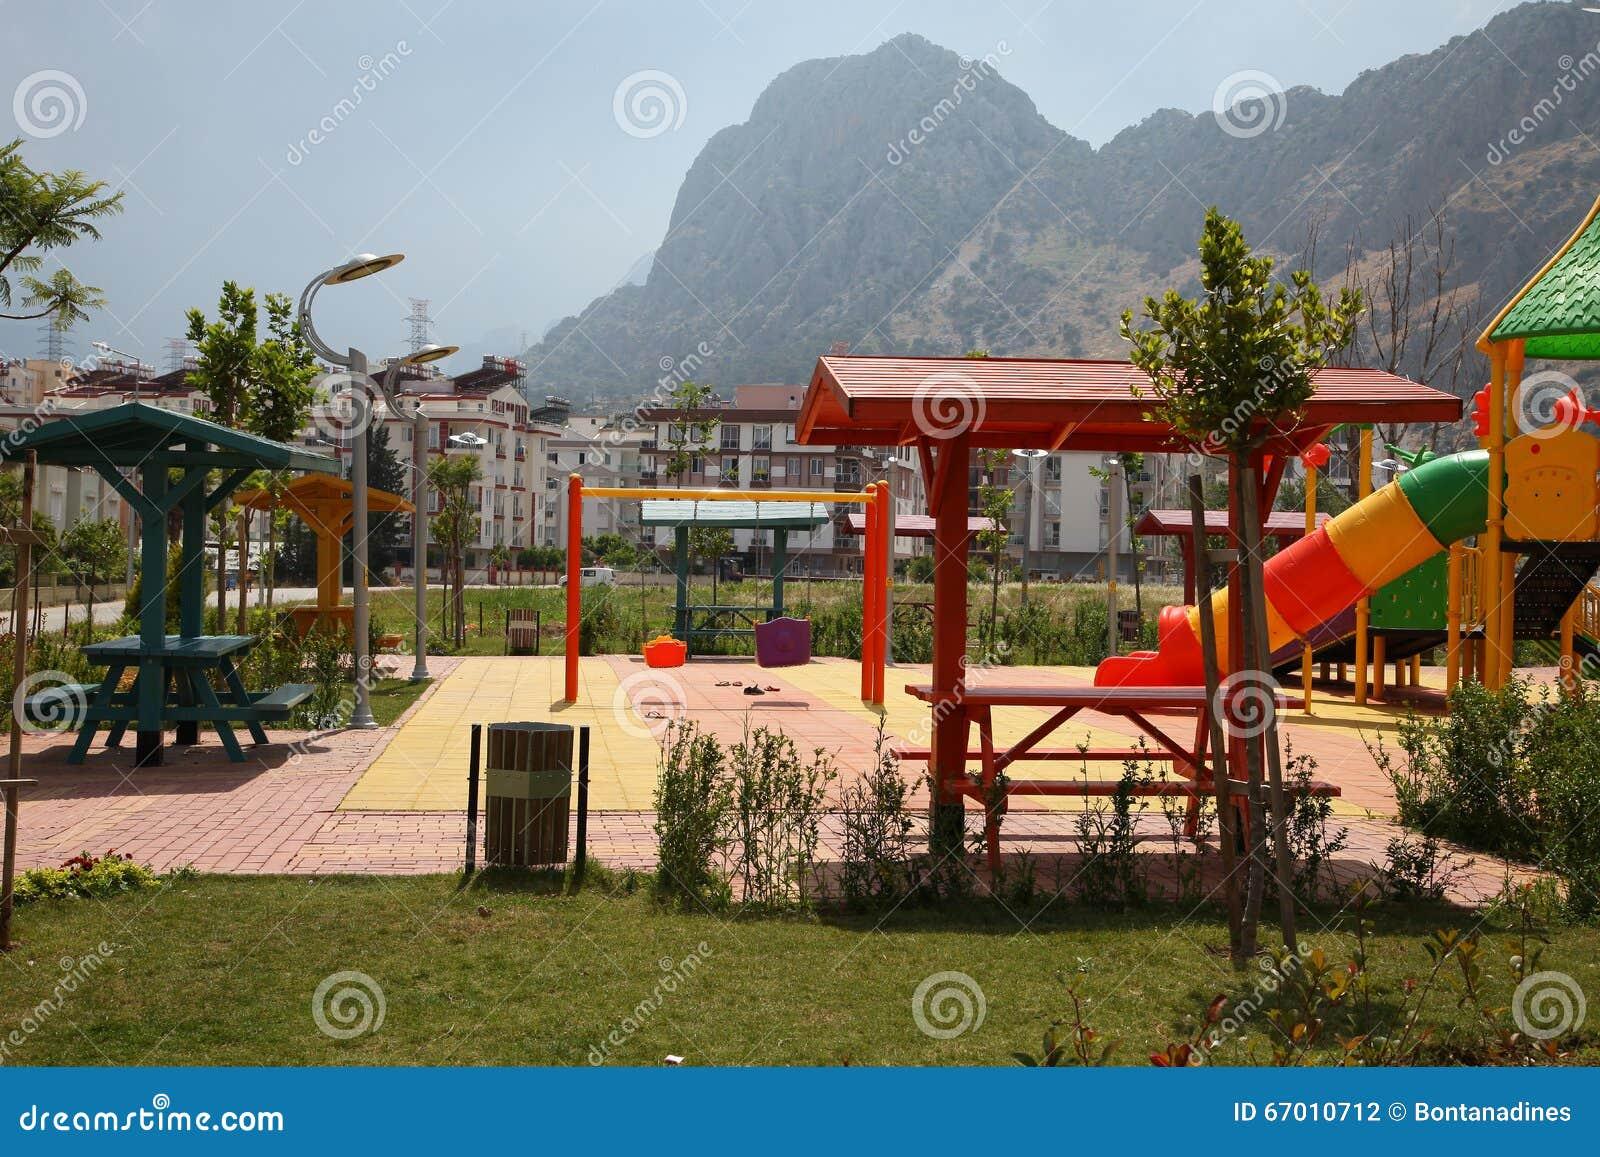 Künstlerisch Moderner Bodenbelag Foto Von Pattern Spielplatz In Einem Wohngebiet Stockfoto -